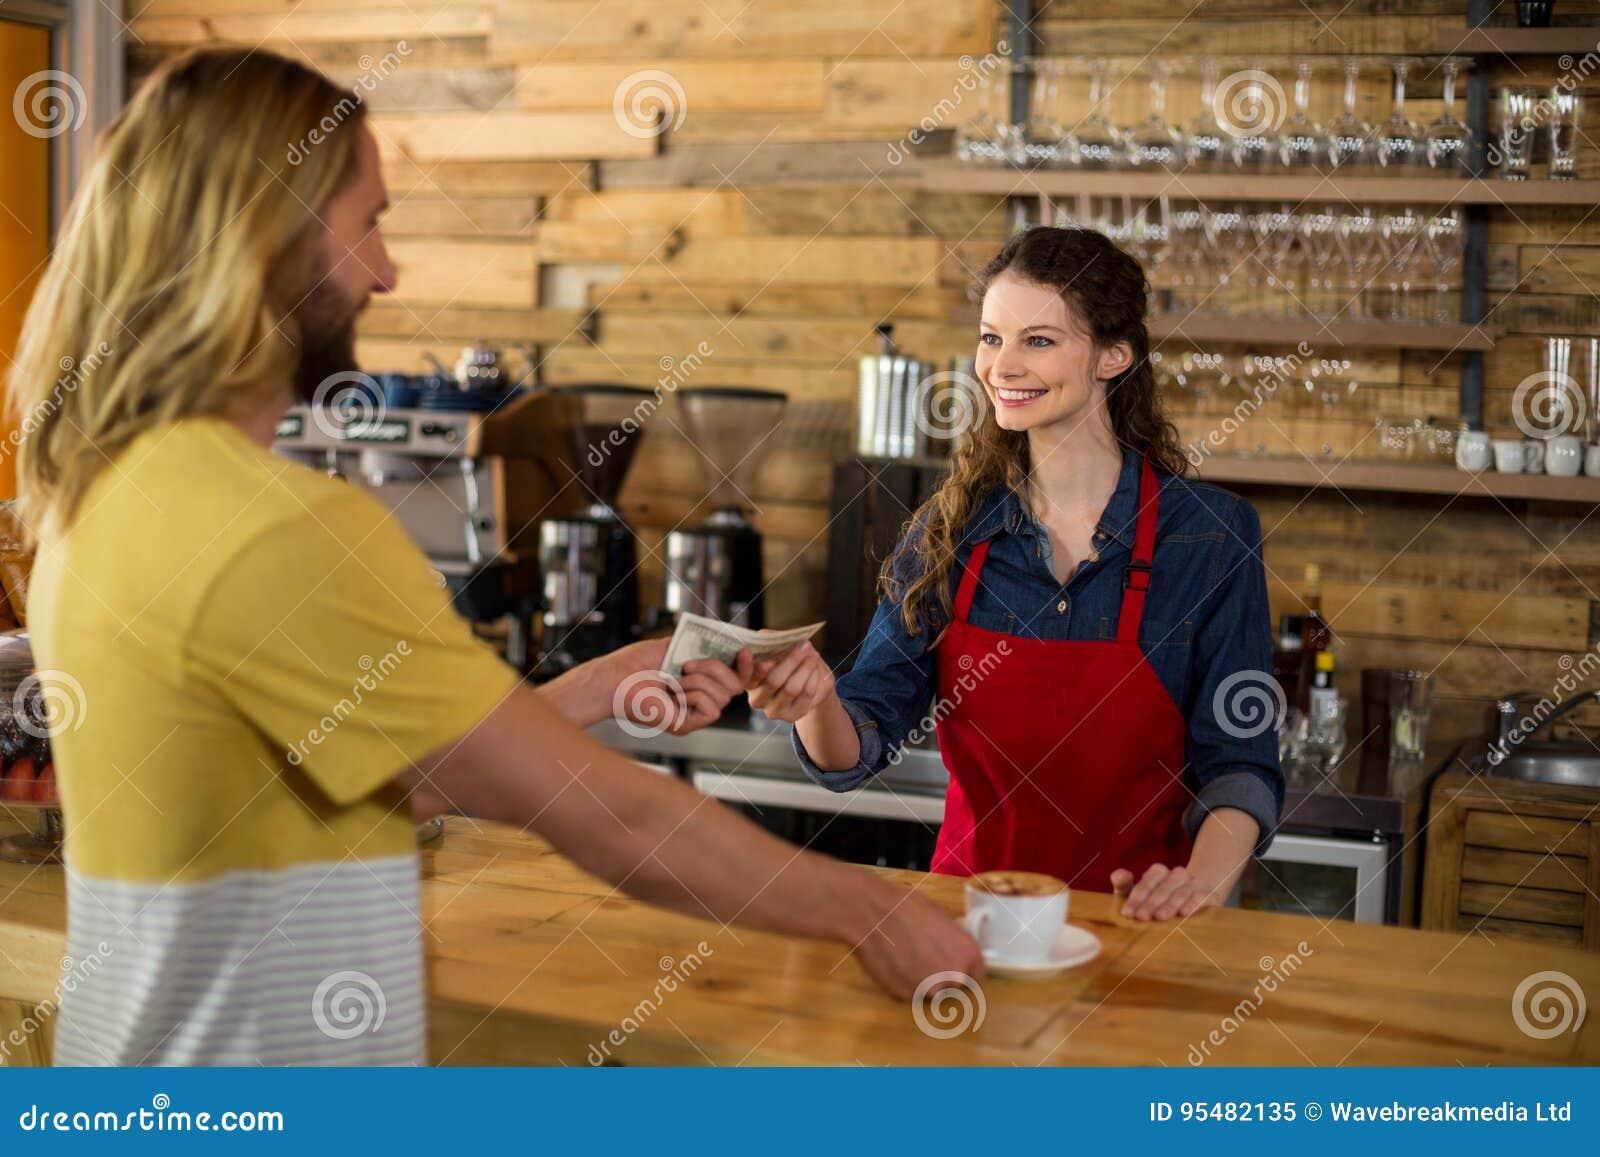 Uśmiechnięty klient płaci rachunek gotówką przy kontuarem